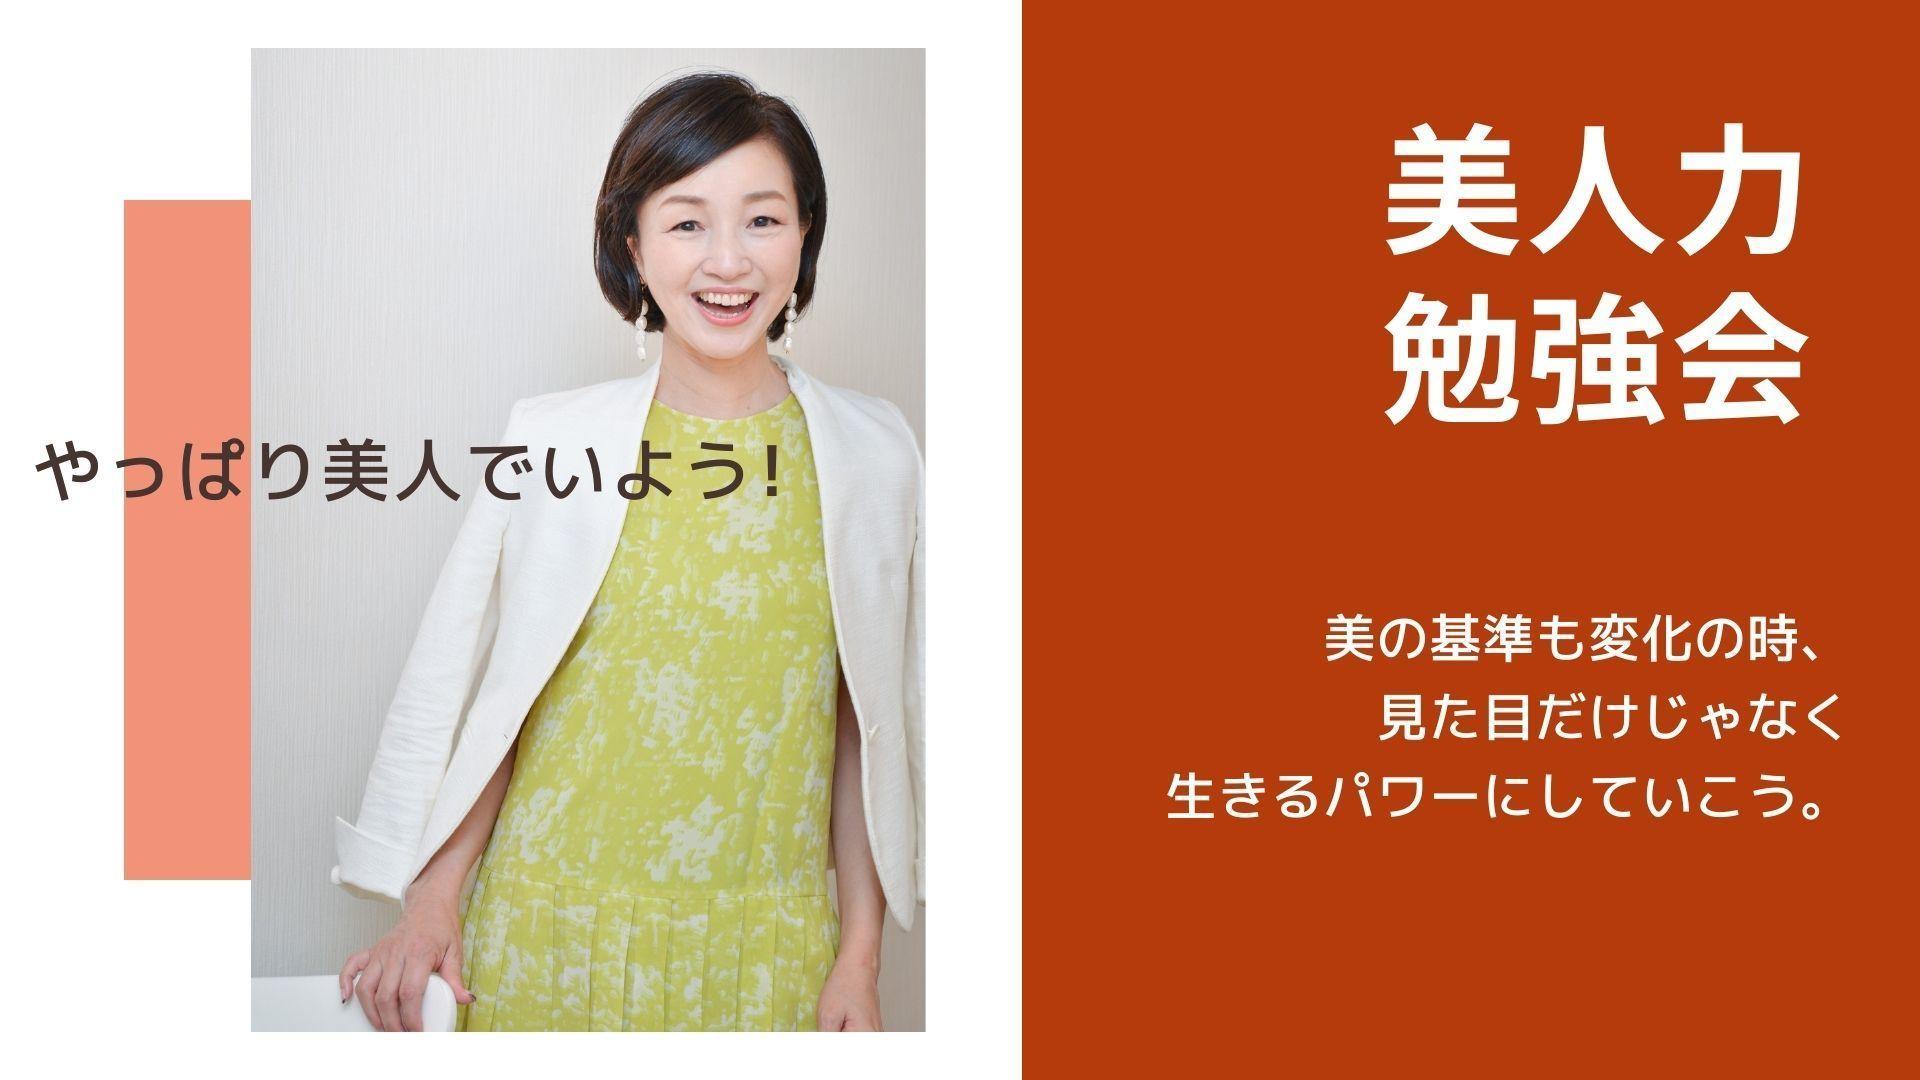 美人力勉強会_b0084241_22535028.jpg